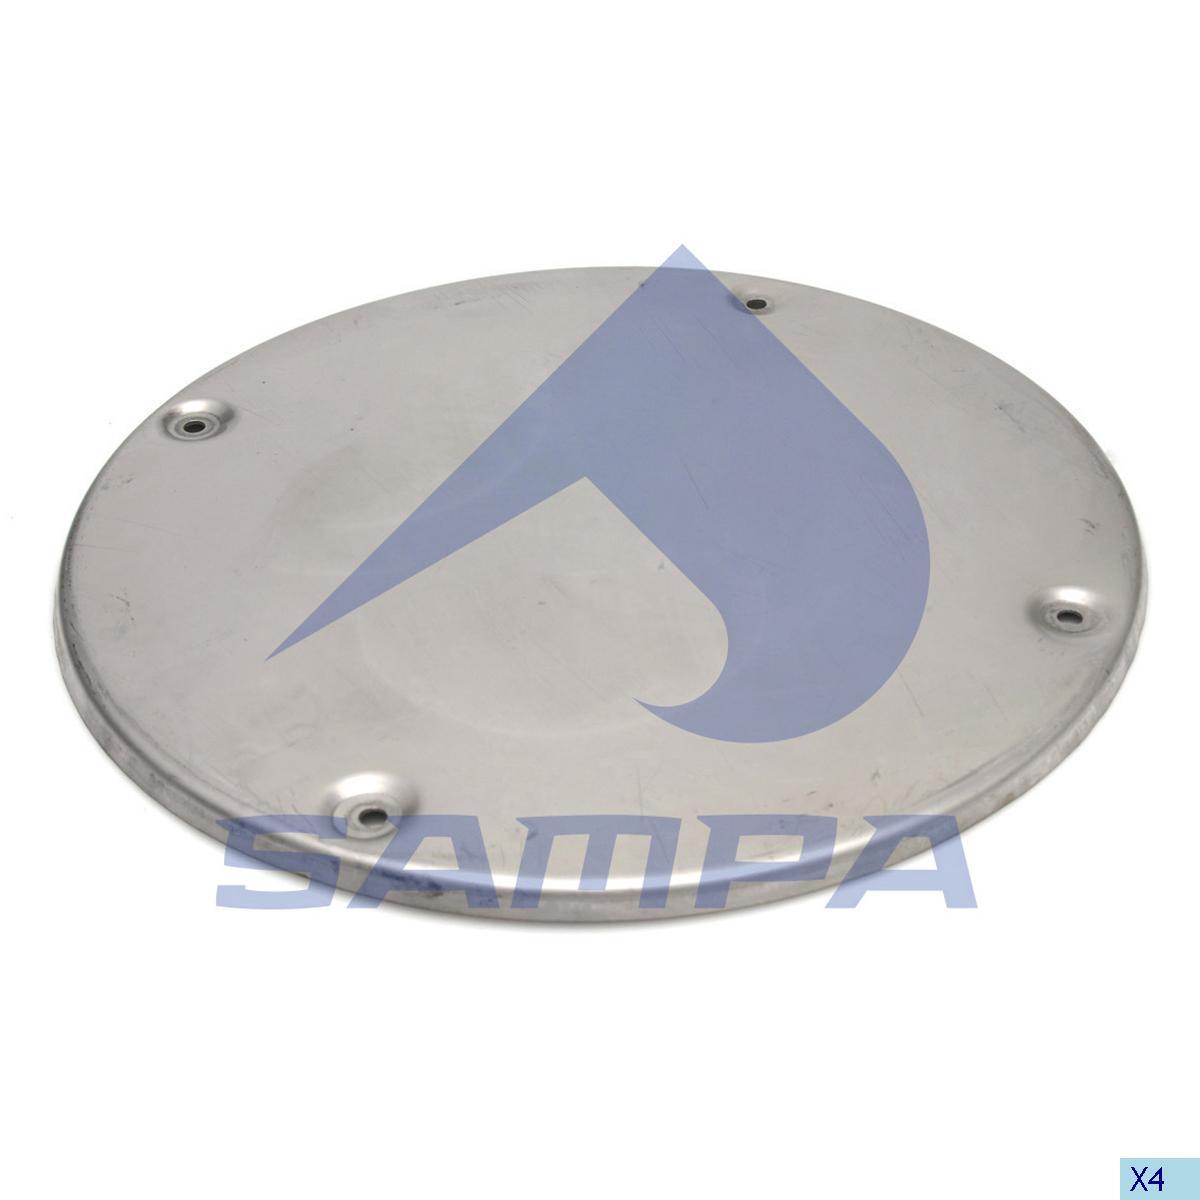 Heat Shield, Exhaust, Volvo, Engine